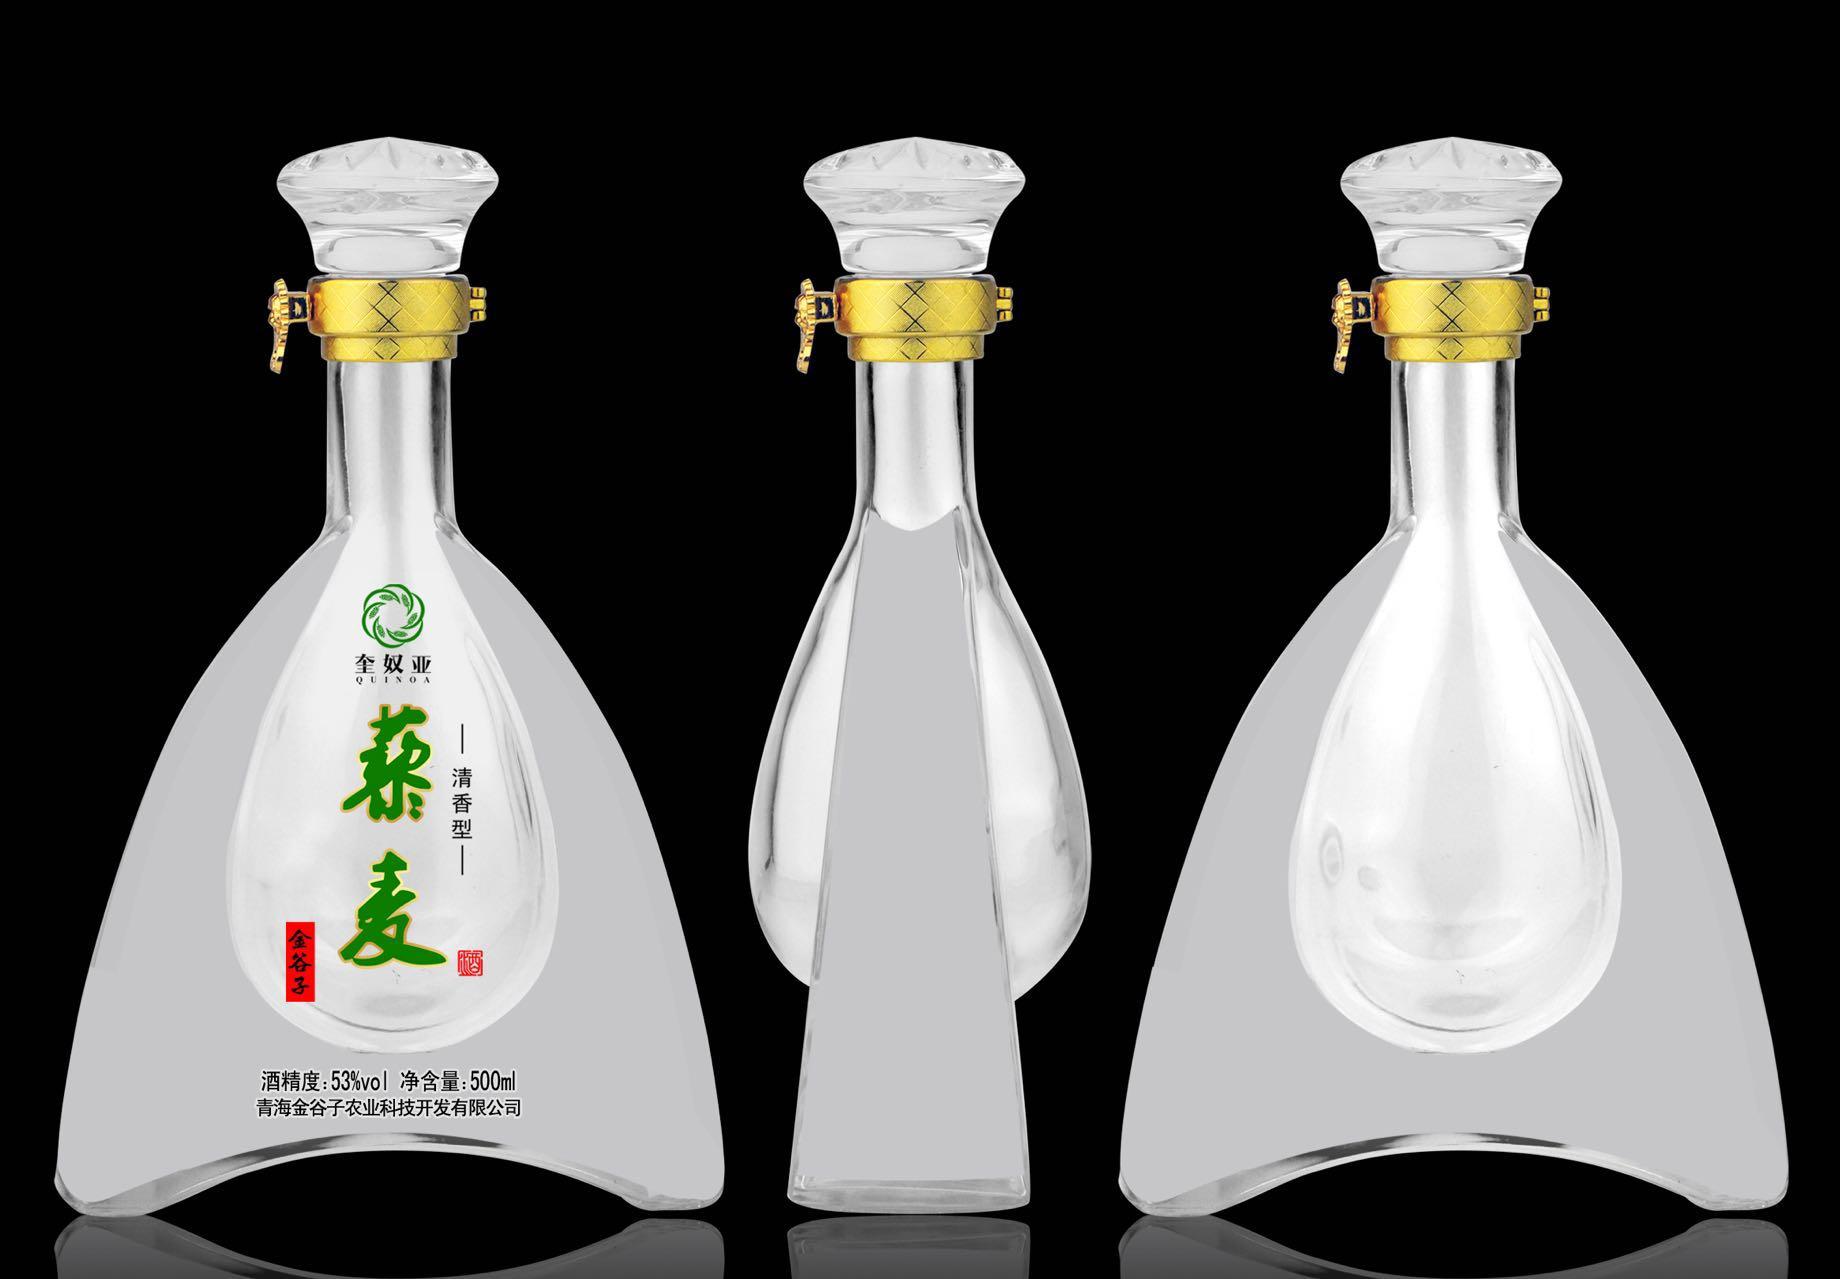 柳州酒瓶生产厂家